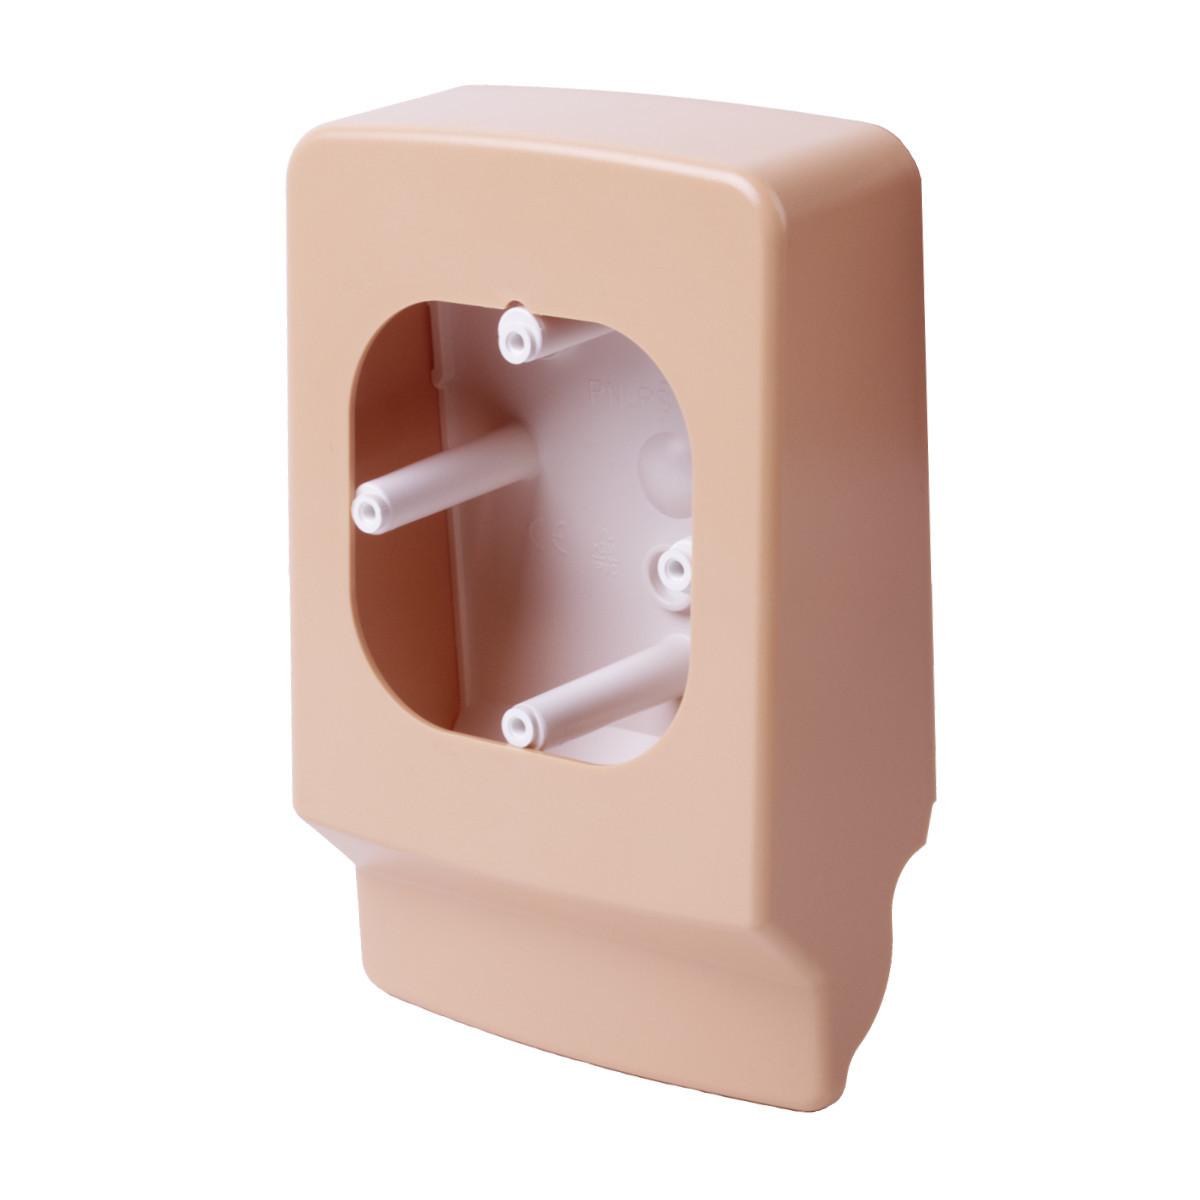 Приладовий носій для  кабельних каналів LP 35 (береза рожева)